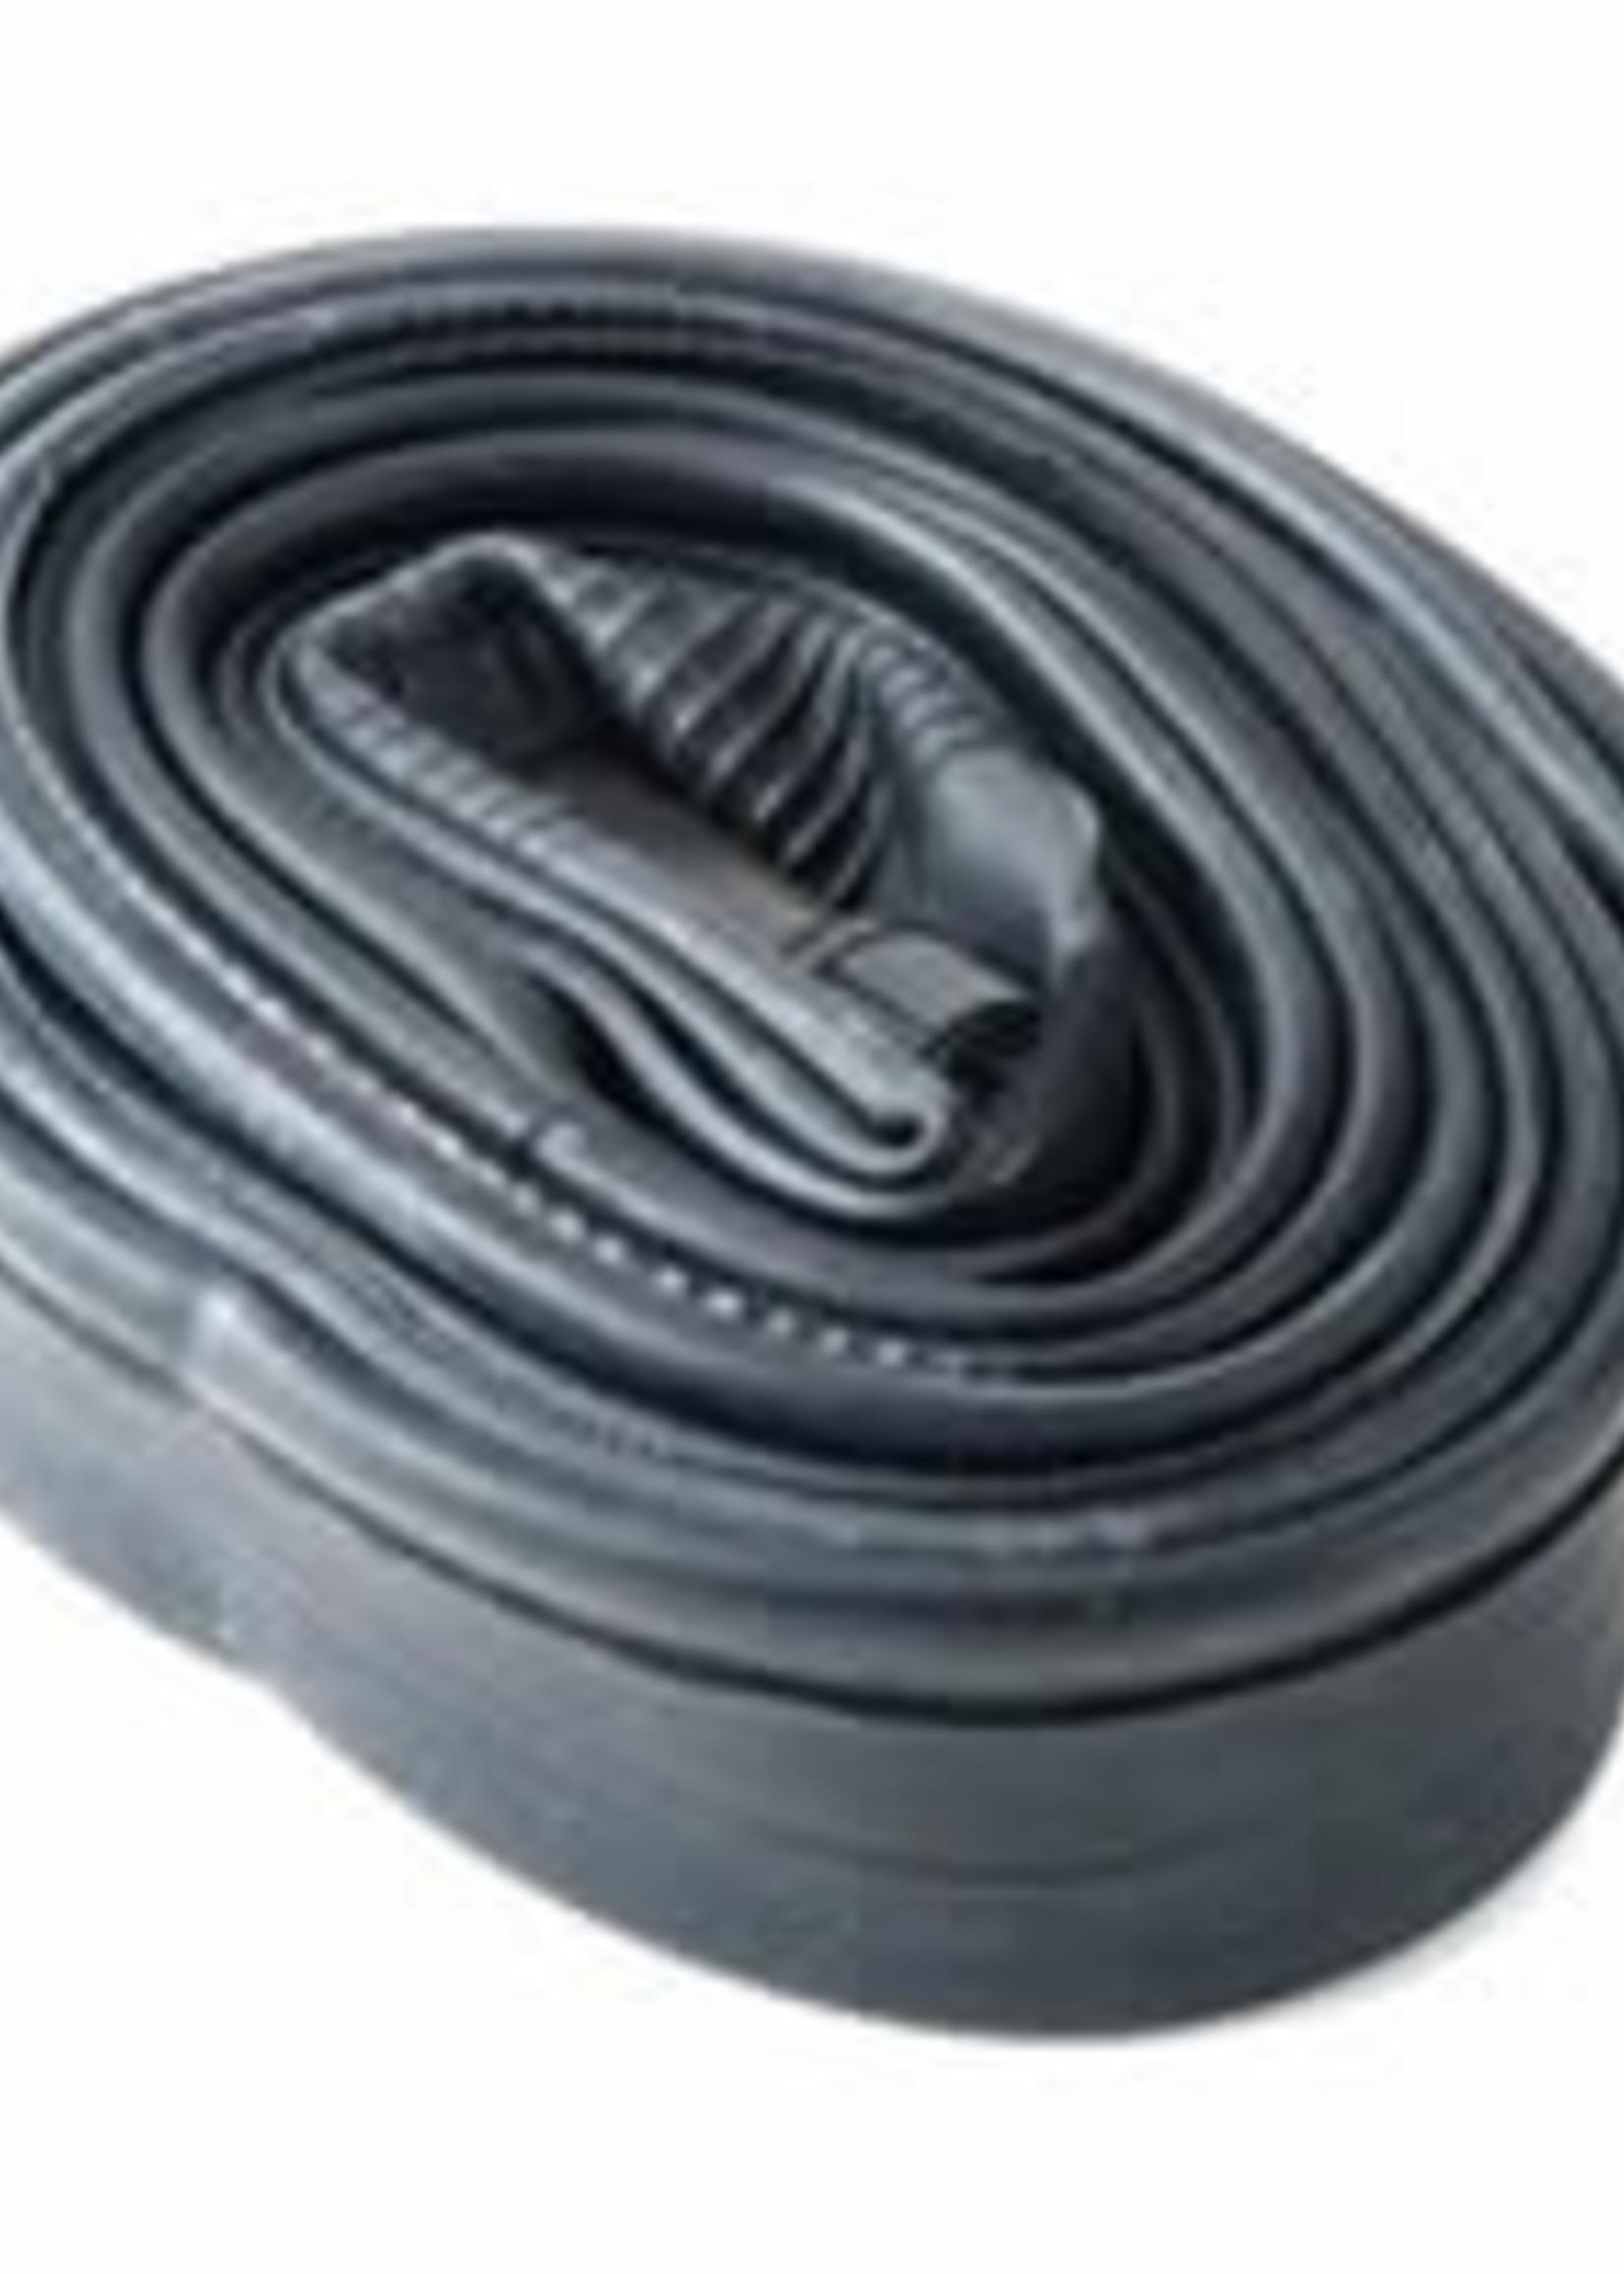 Kenda TUBE 20X1.75-2.125 SCHRADER